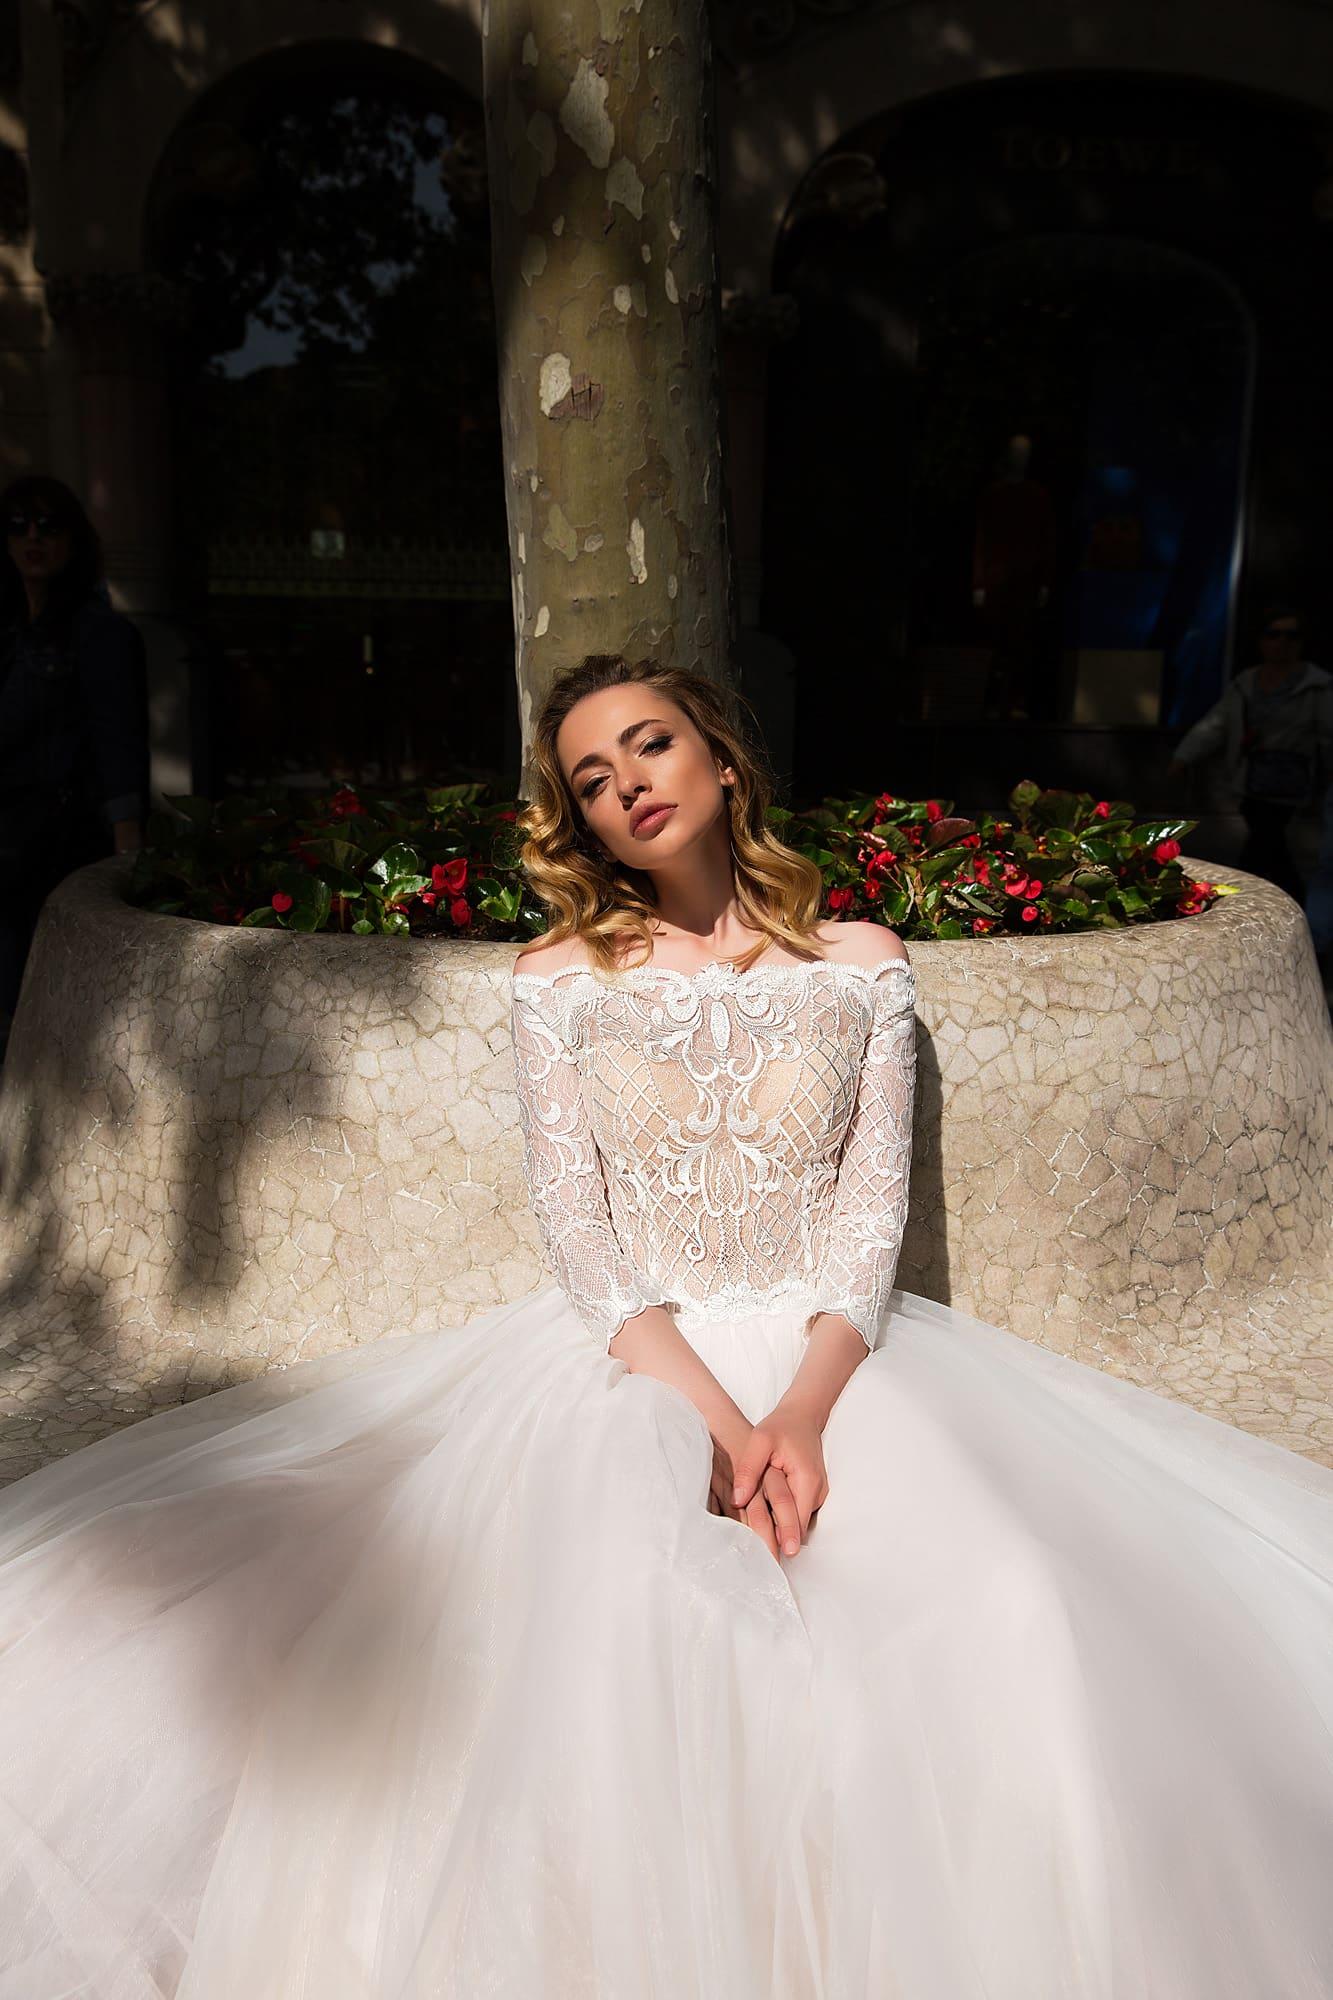 Романтичное свадебное платье с фигурным портретным декольте и прямой многослойной юбкой.